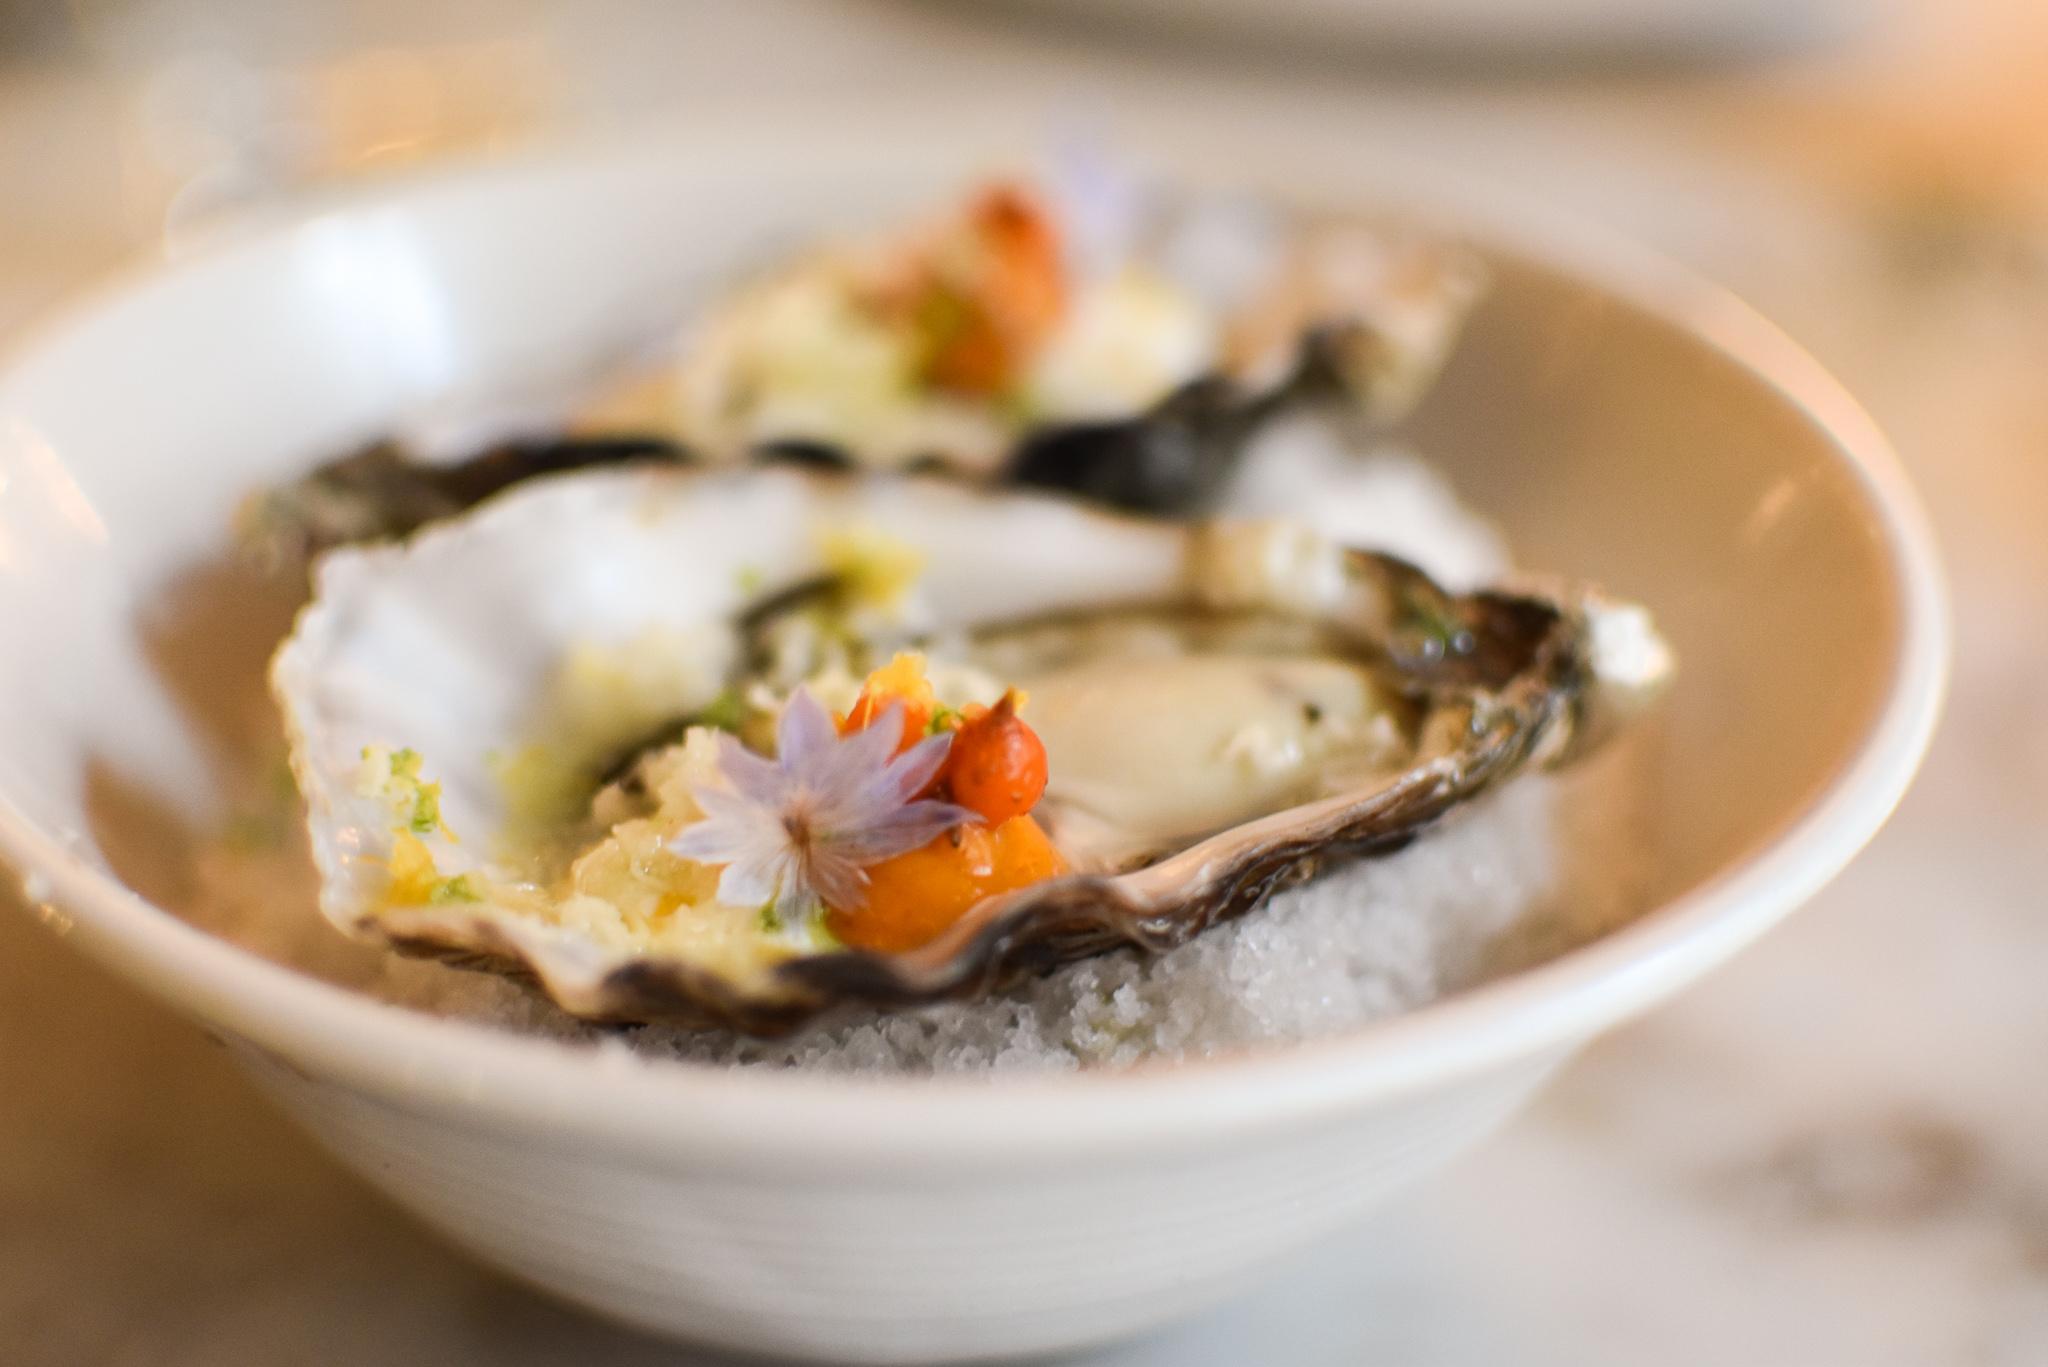 2015 - oester, duindoornbes, mierikswortel, zure room en citroen.